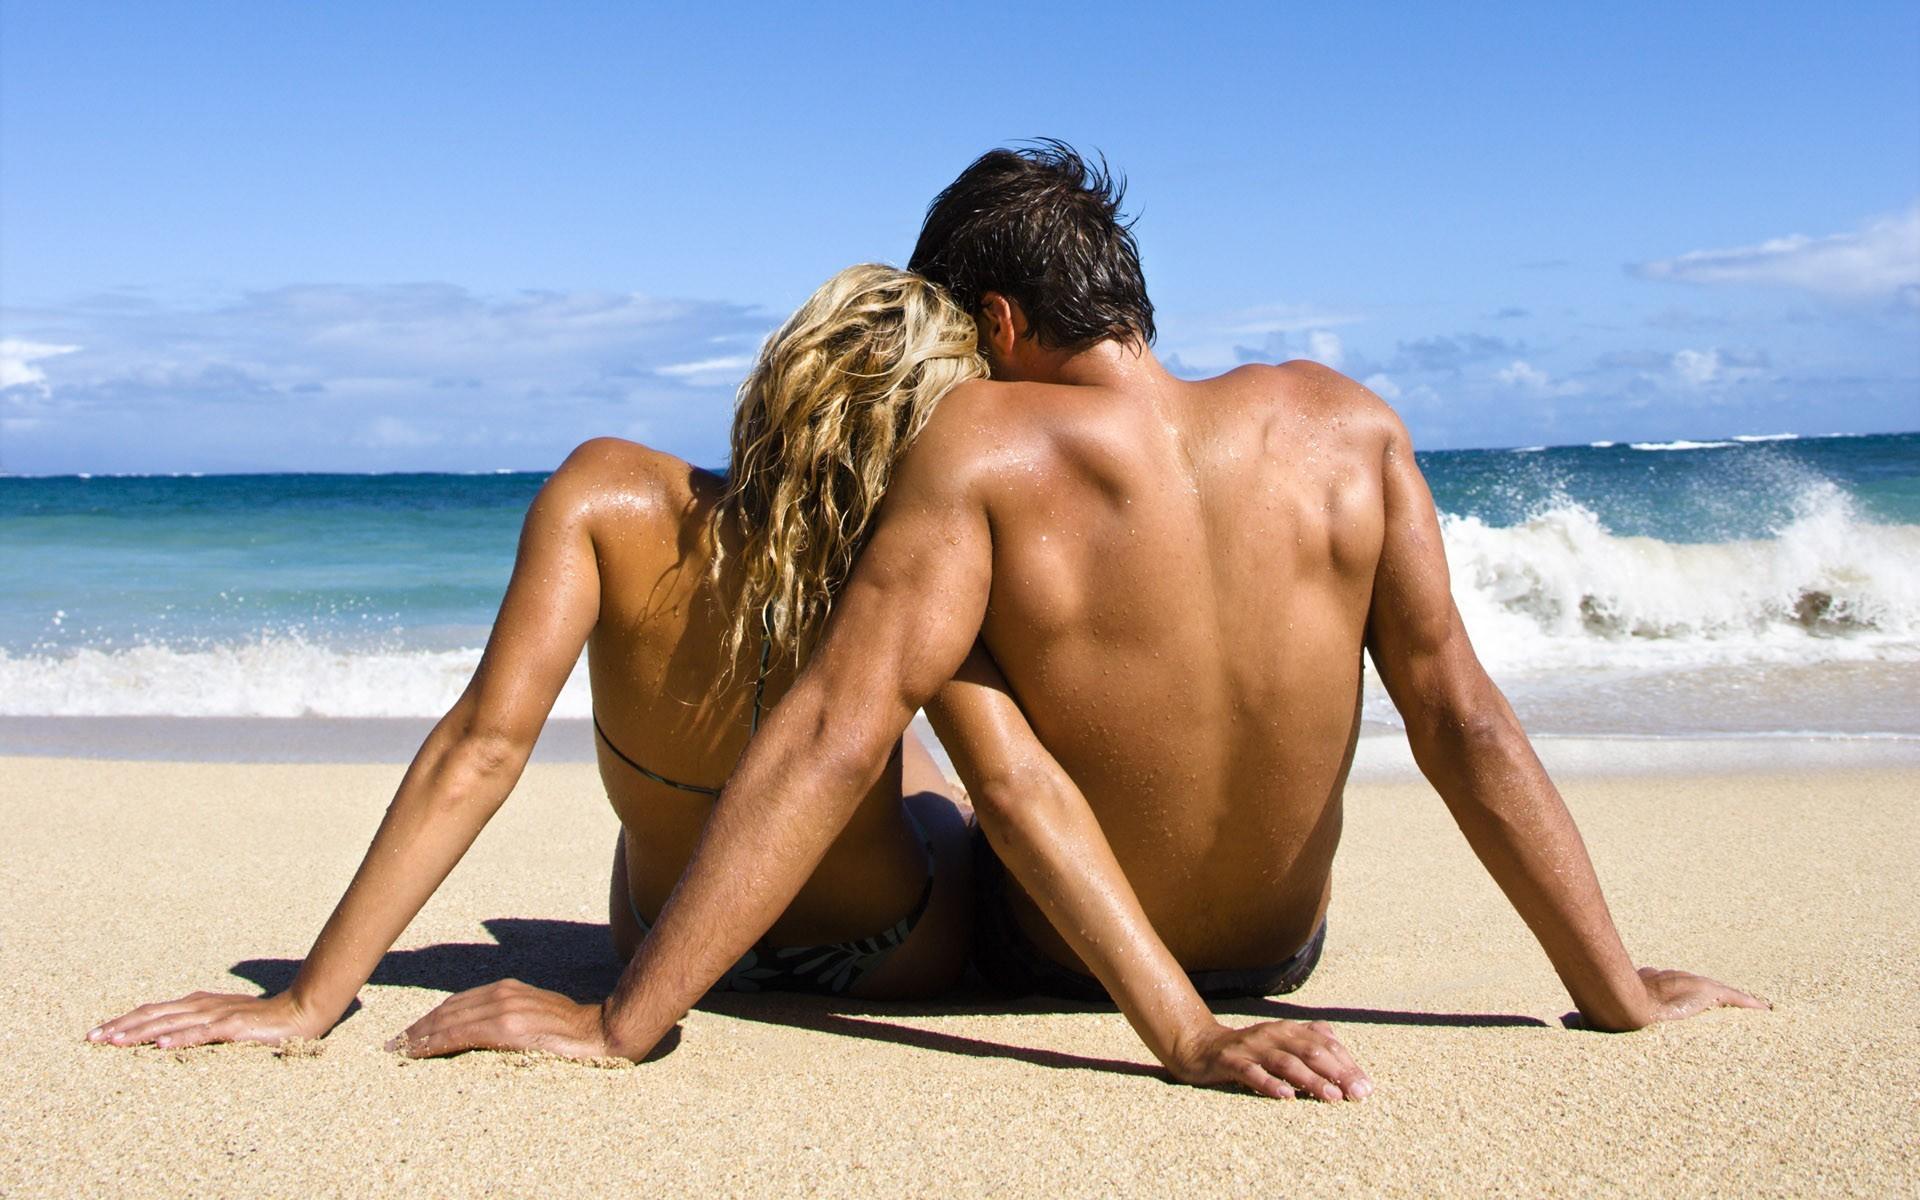 Сильная жара негативно влияет на интимную жизнь